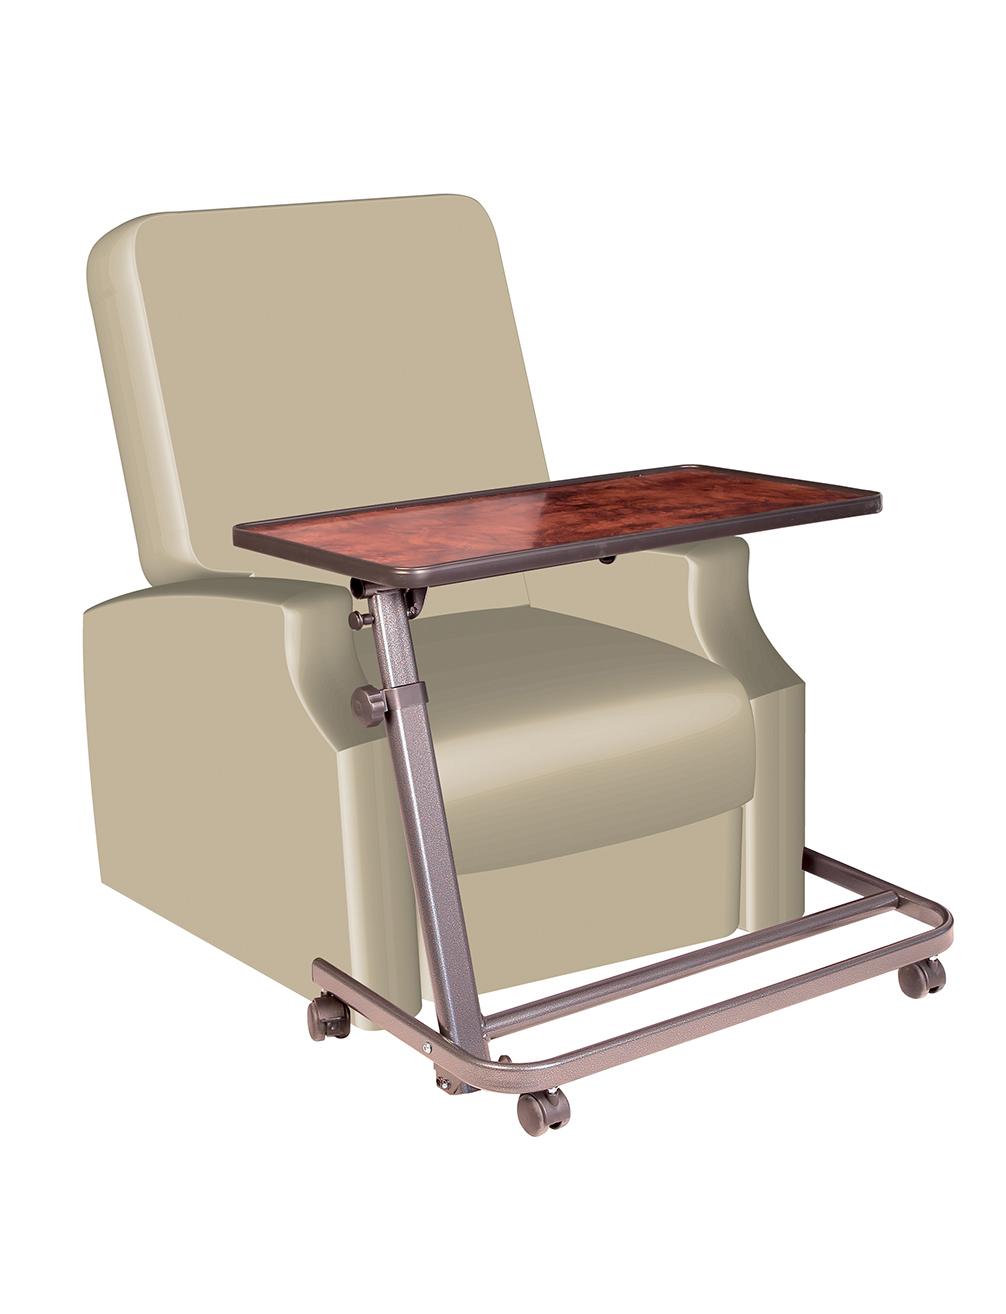 Table de lit ou fauteuil releveur plateau 80 cm